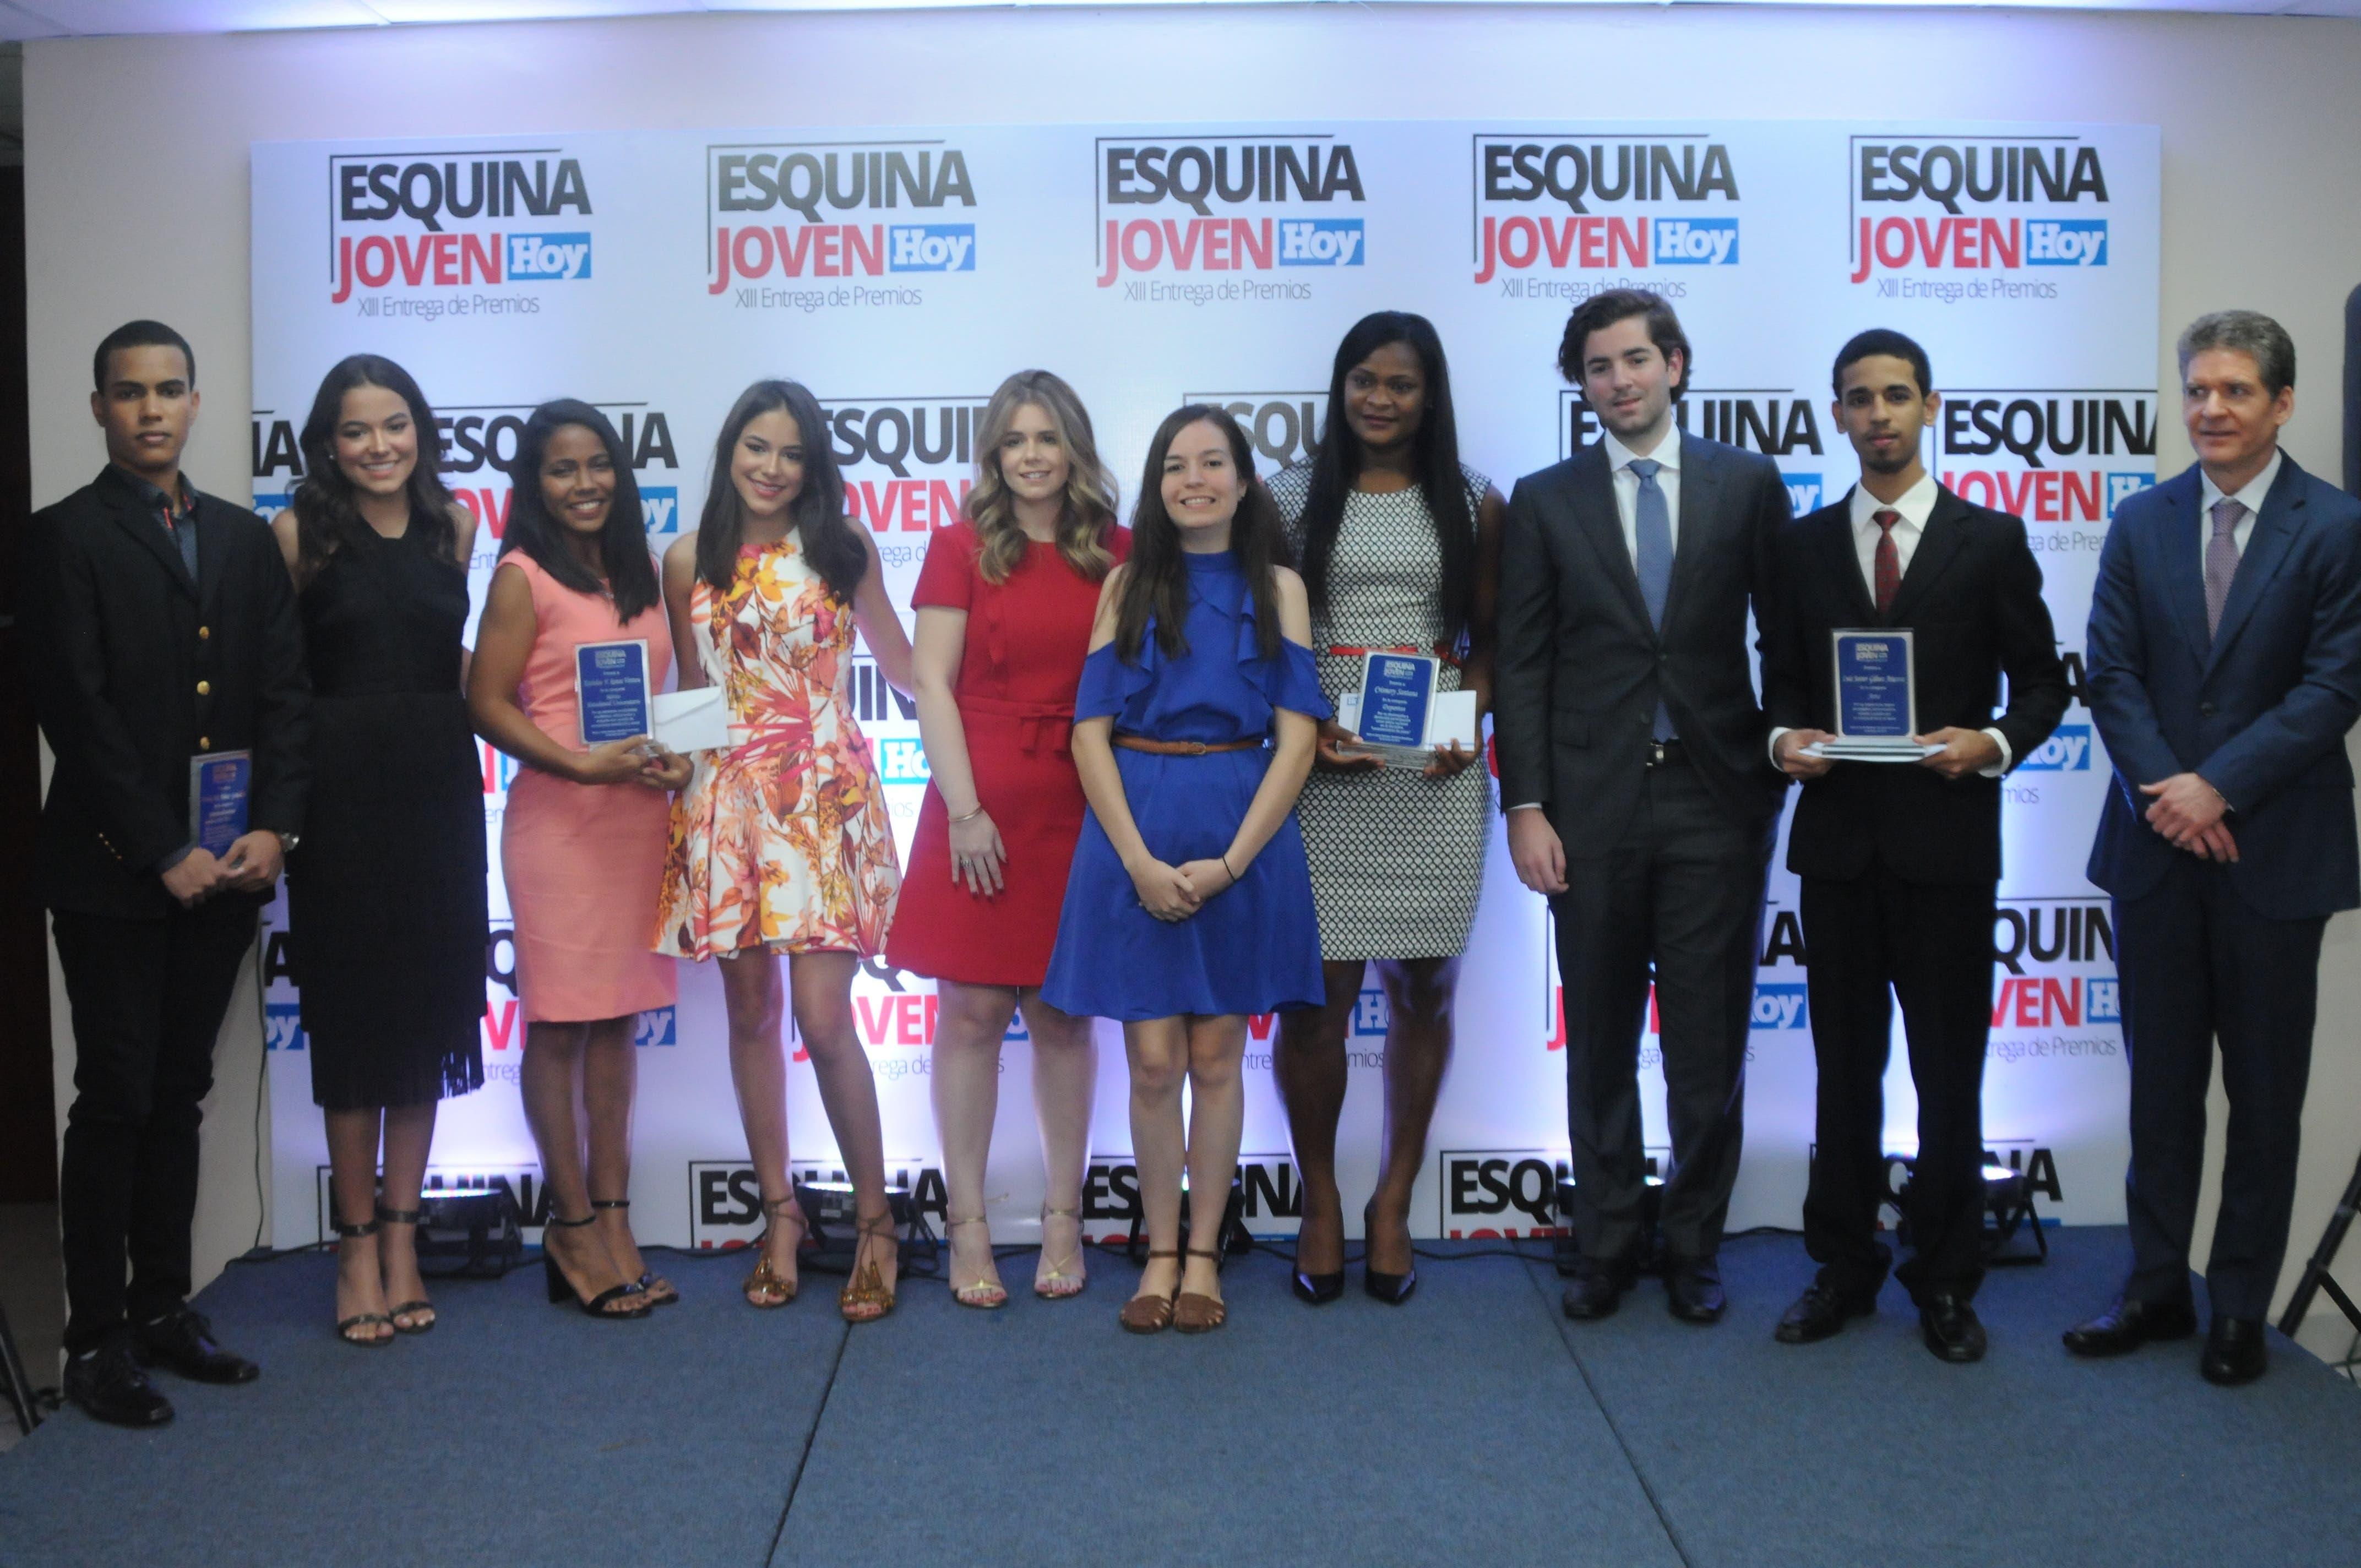 Esquina Joven del periódico Hoy reconoce a cinco estudiantes